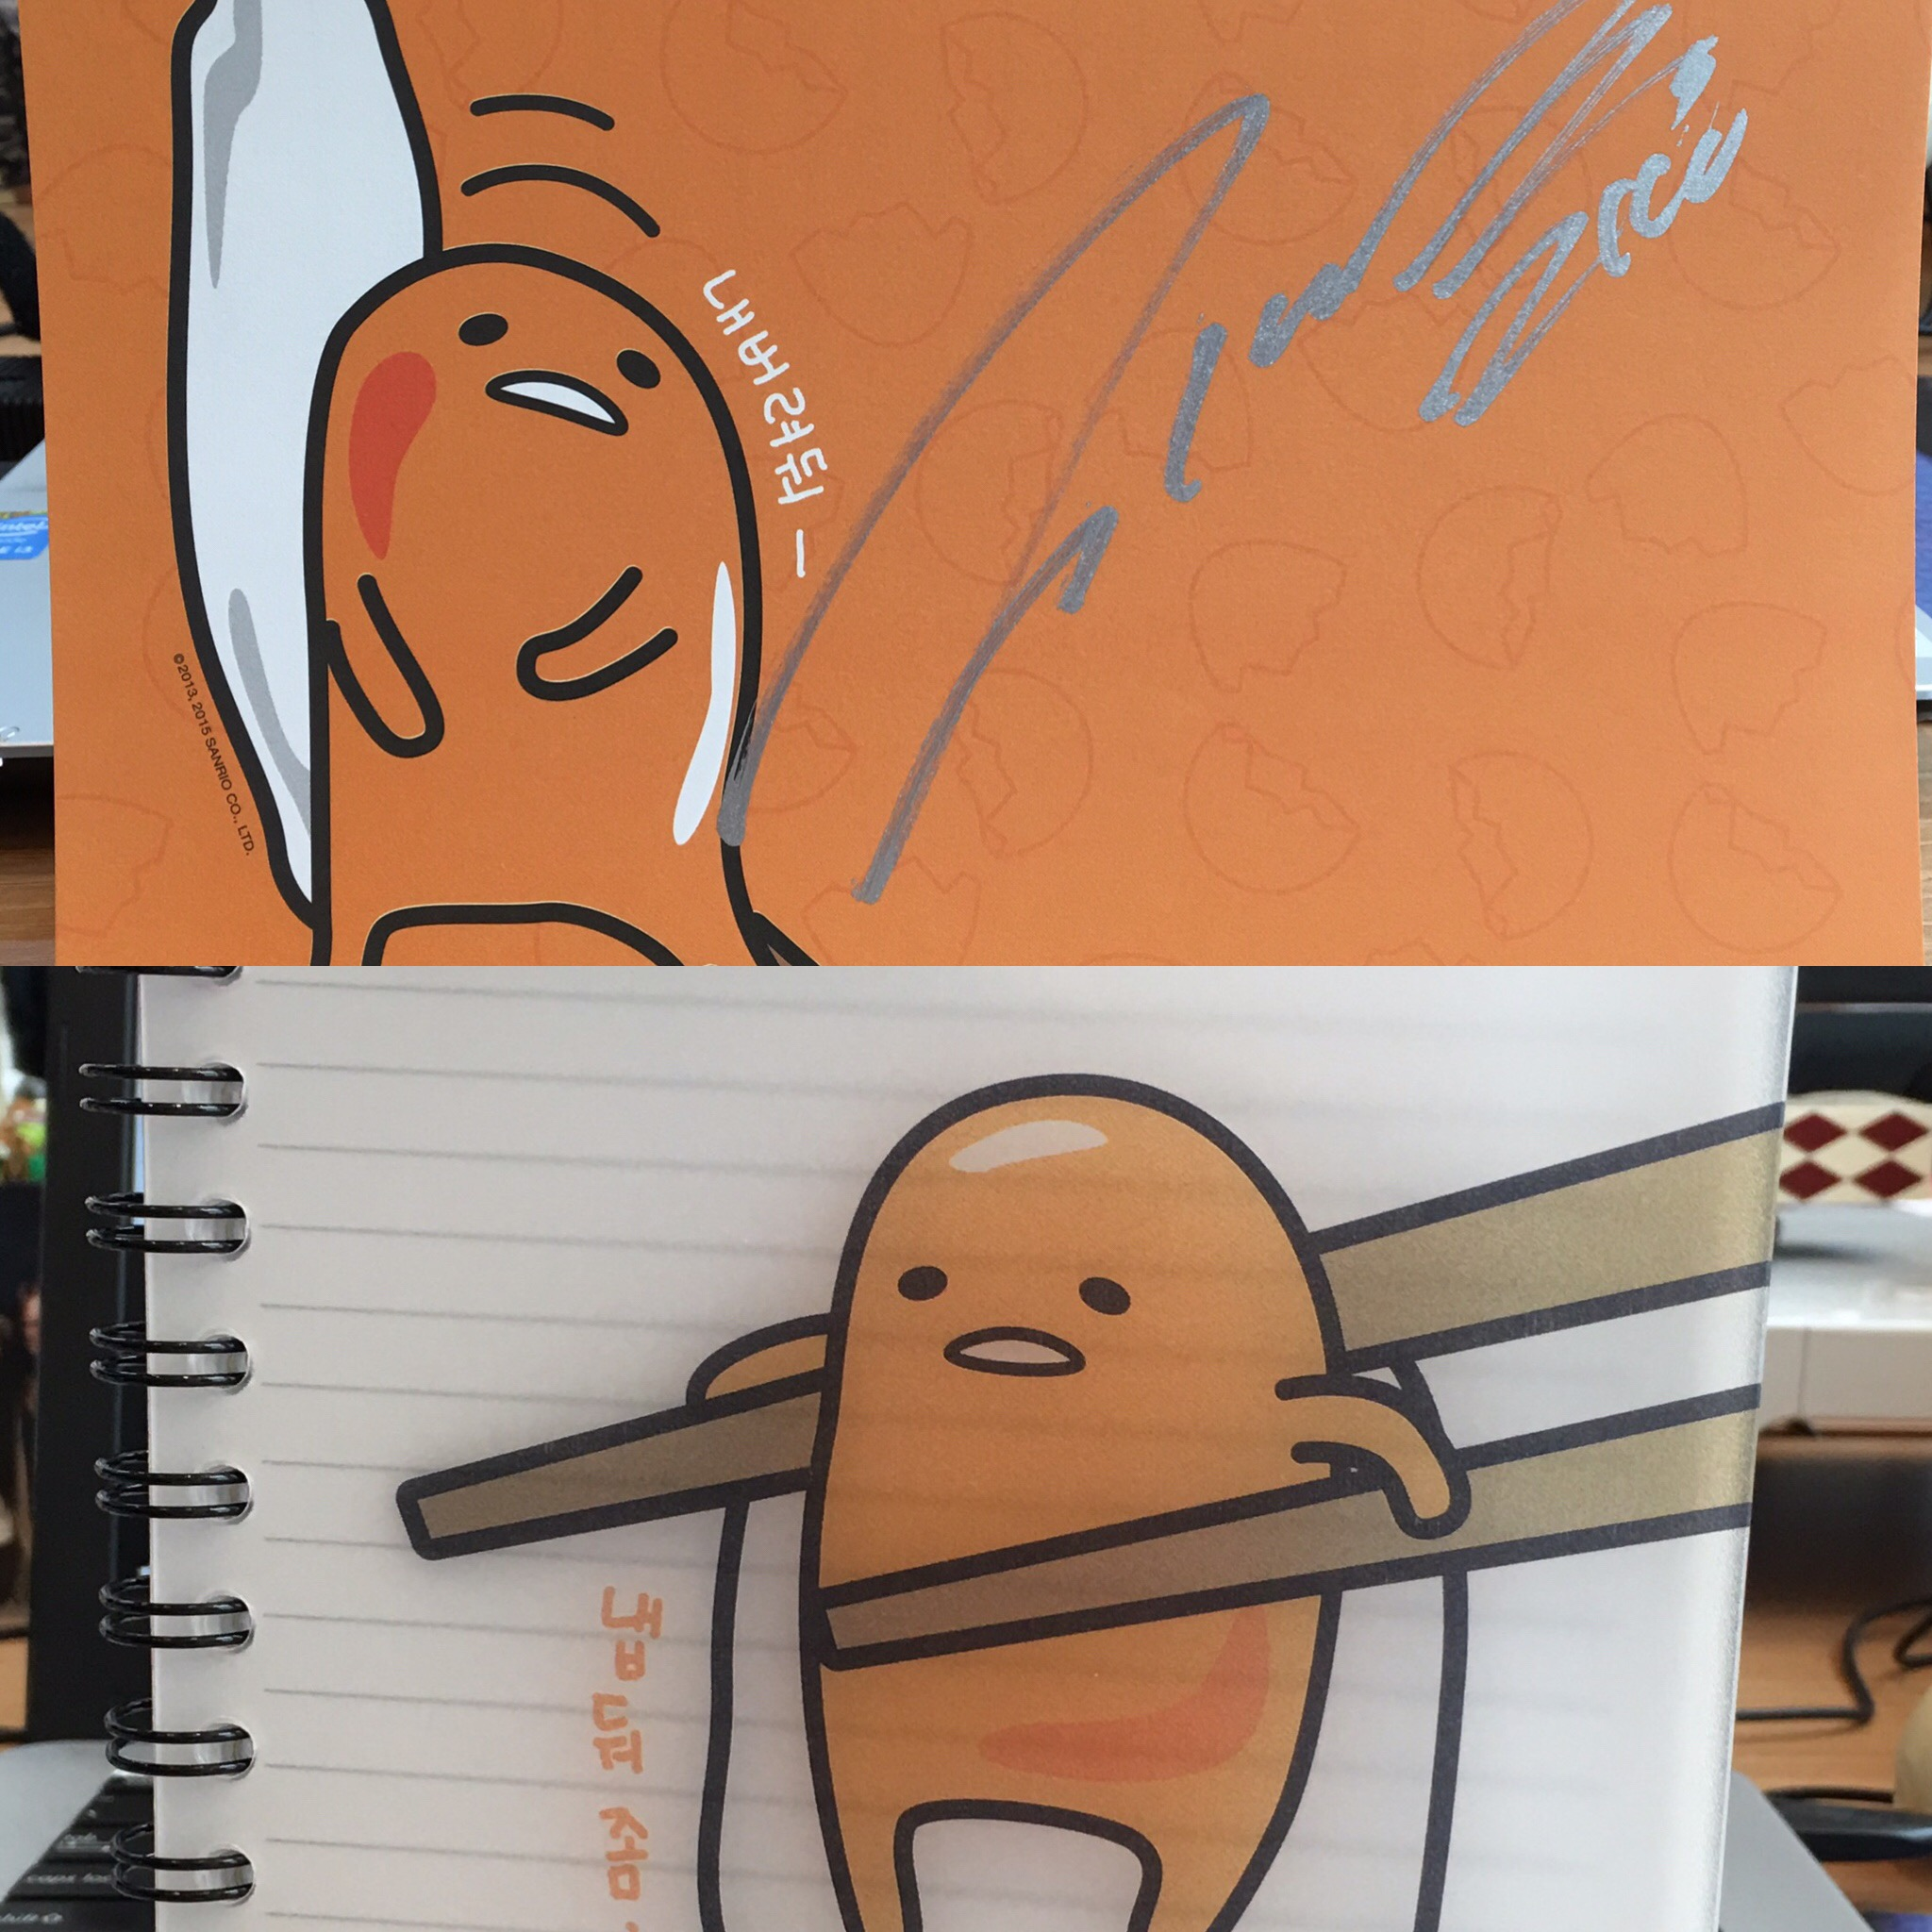 Zico's notebook